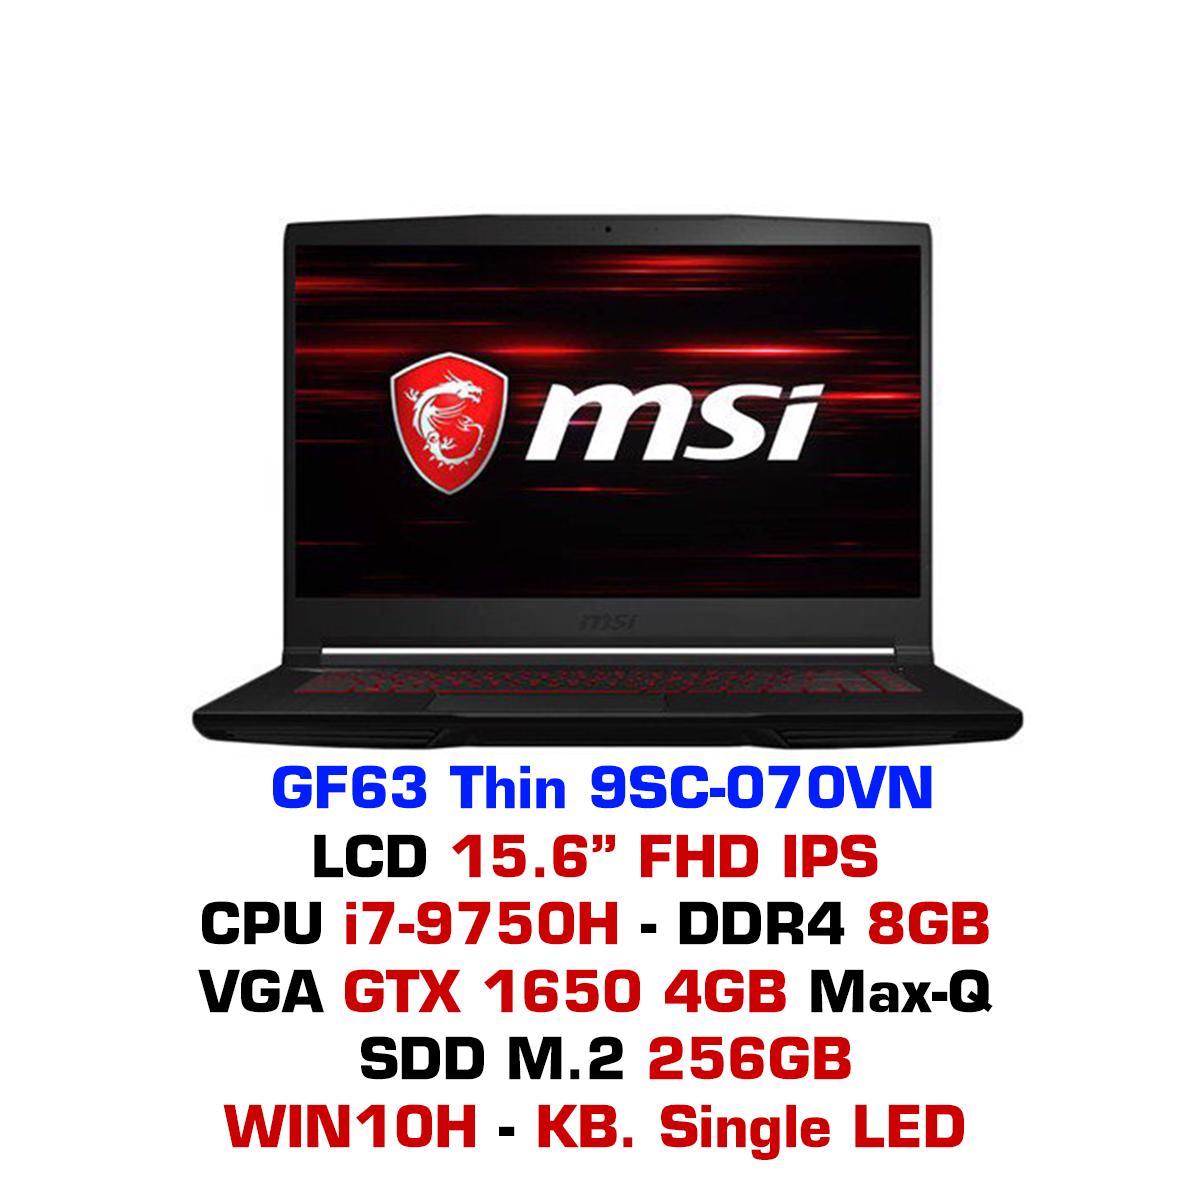 Laptop Gaming MSI GF63 Thin 9SC-070VN